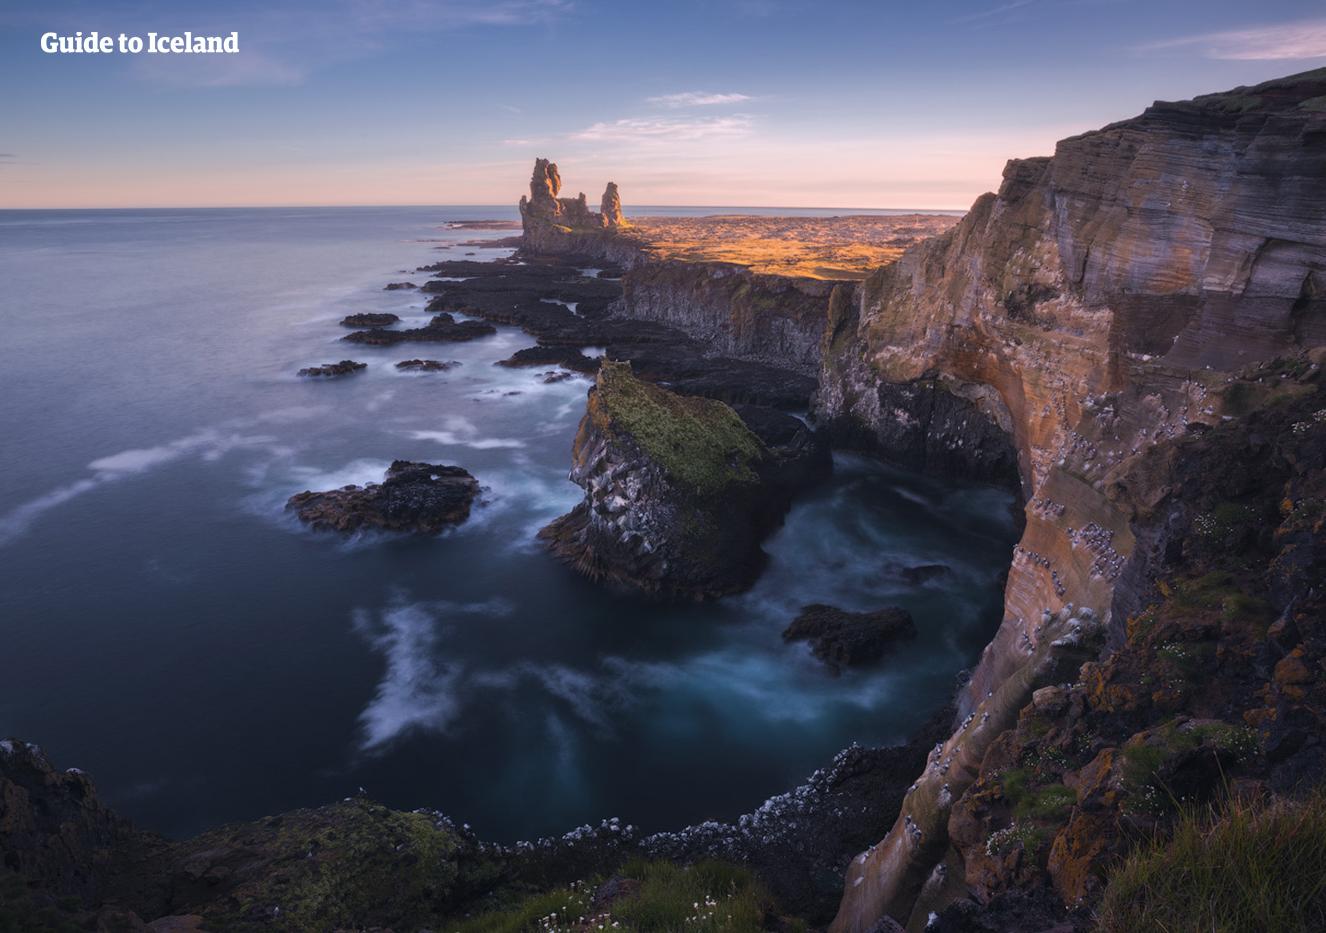 La península de Snæfellsnes se caracteriza por la paz, la tranquilidad y la sorprendente variedad natural.